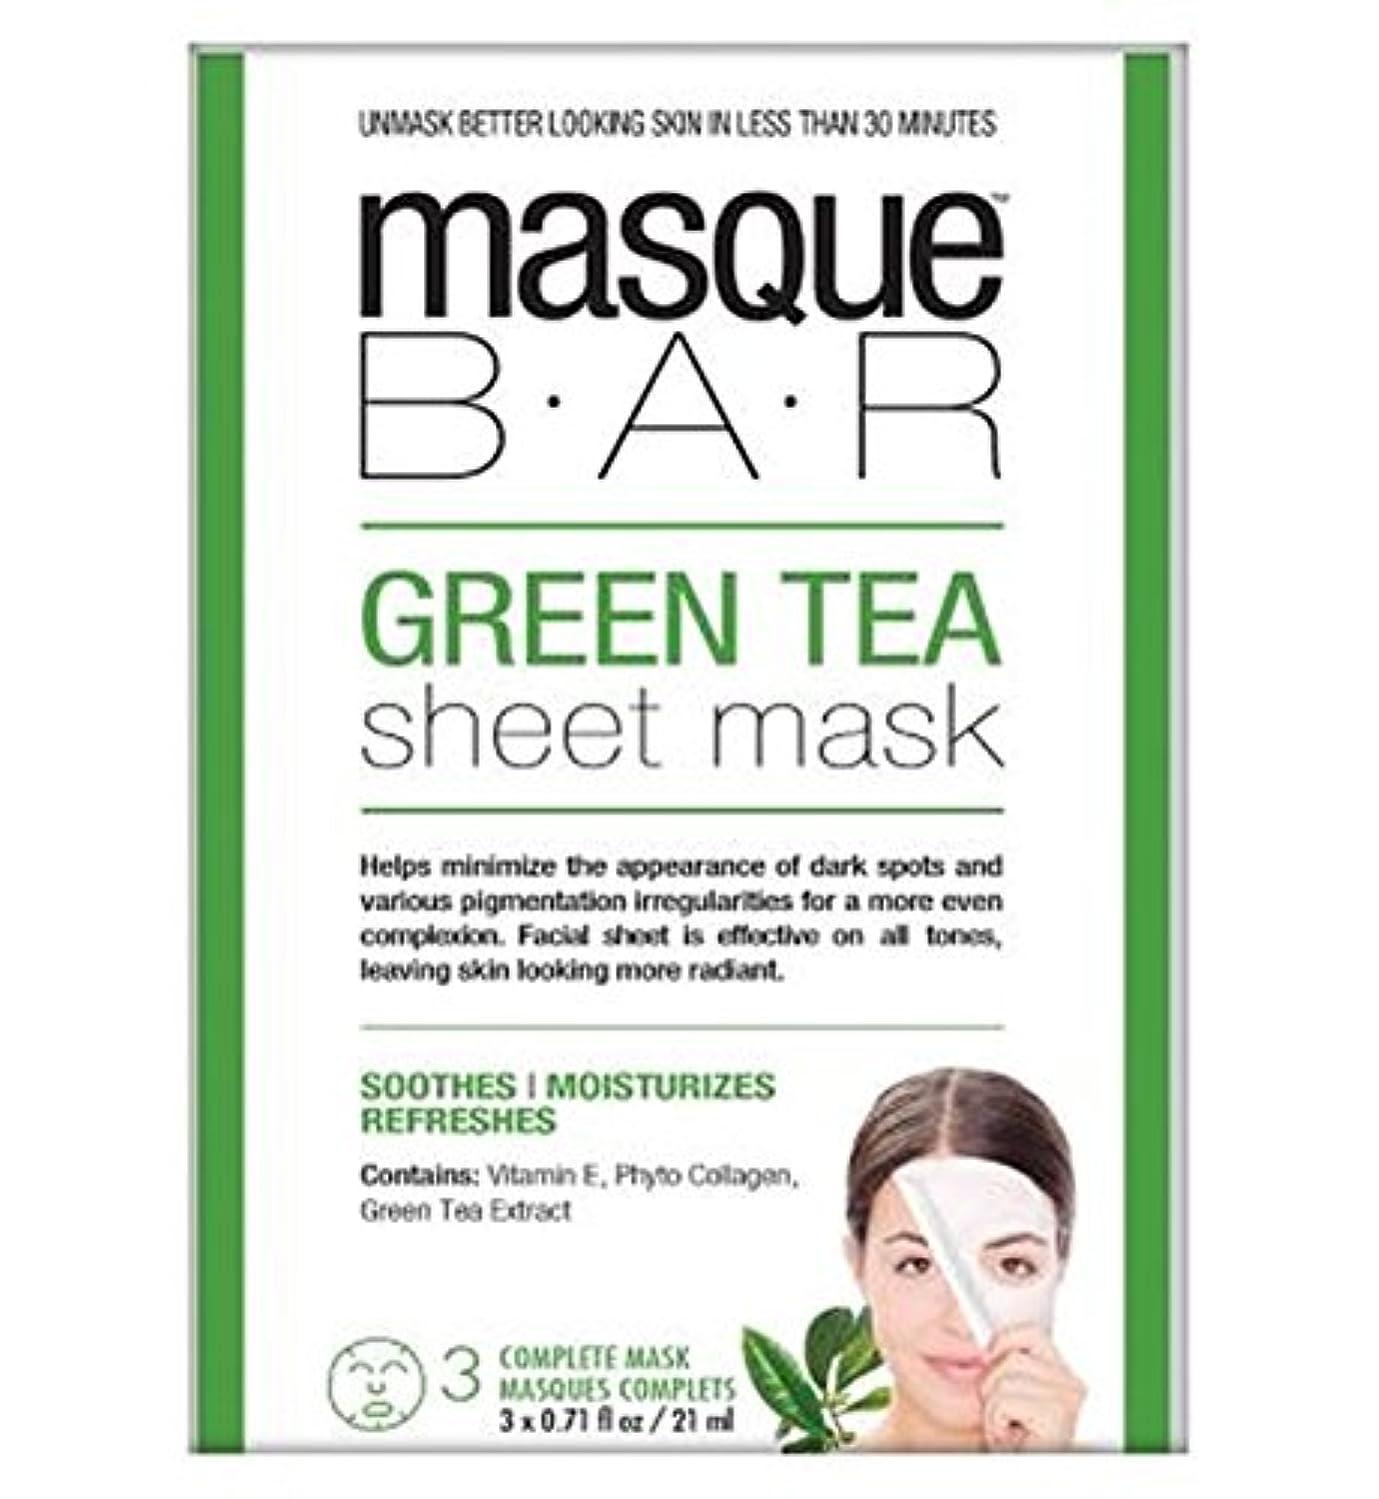 個性固執ロードハウスMasque Bar Green Tea Sheet Mask - 3 complete masks - 仮面劇バー緑茶シートマスク - 3完全なマスク (P6B Masque Bar Bt) [並行輸入品]